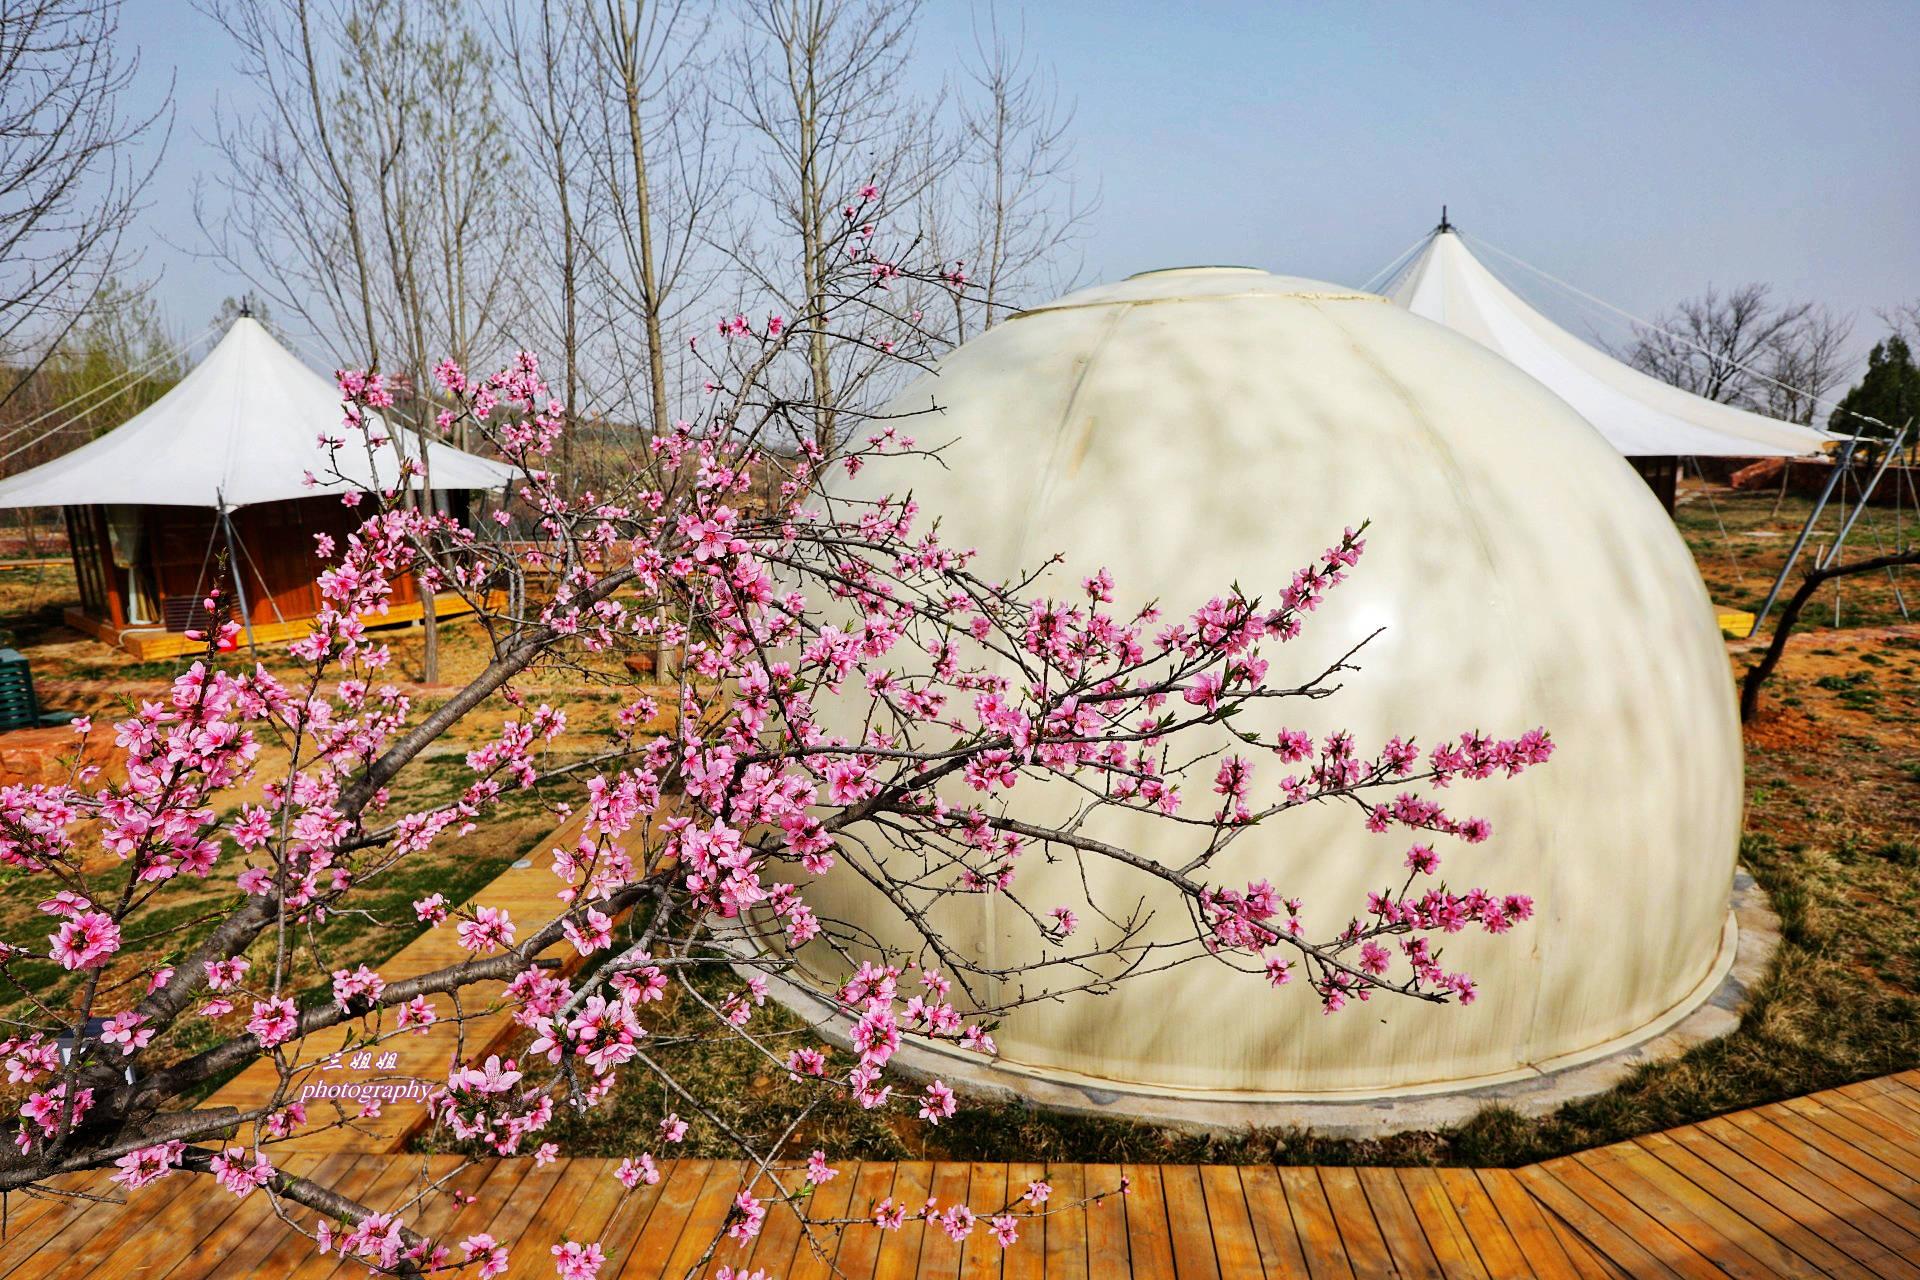 郑州春游好去处 伏羲山星空营地 圆一个看星星的美梦之旅